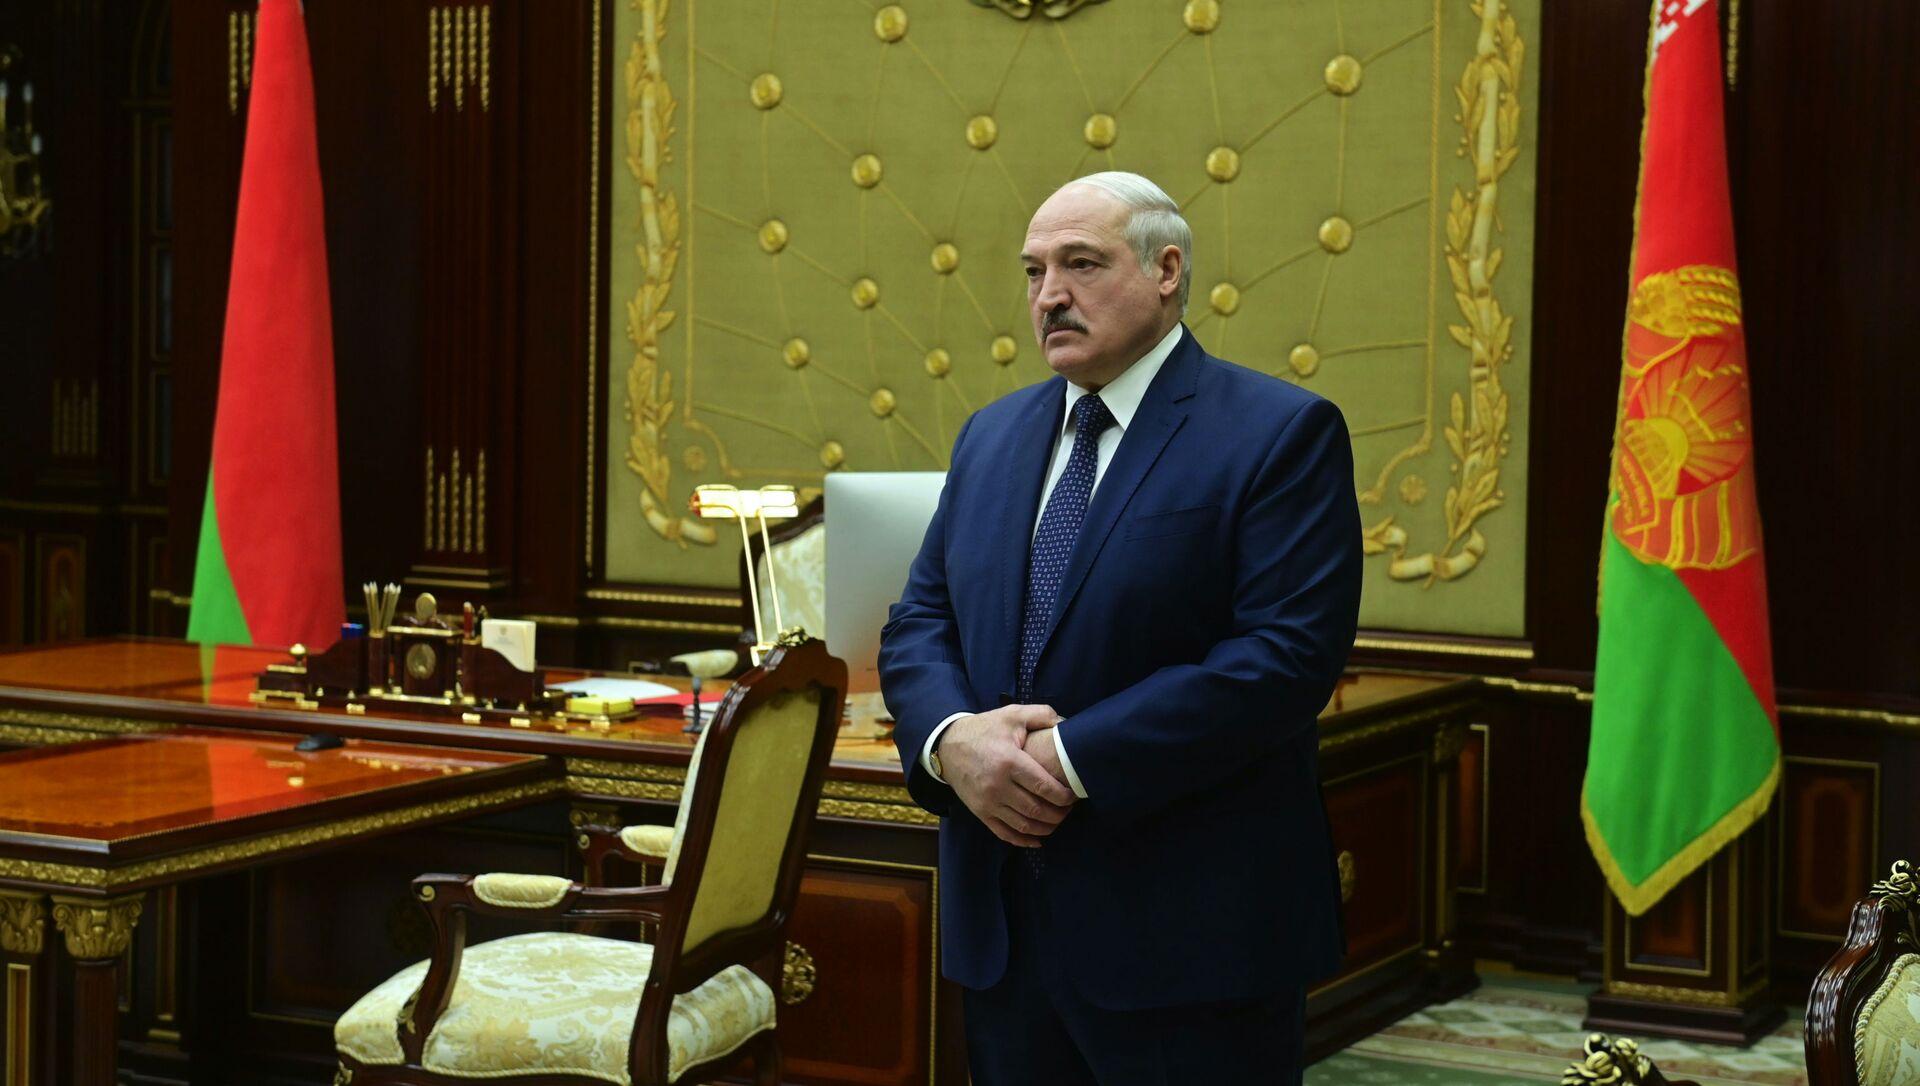 Prezydent Białorusi Aleksander Łukaszenko przed spotkaniem w Mińsku - Sputnik Polska, 1920, 08.02.2021